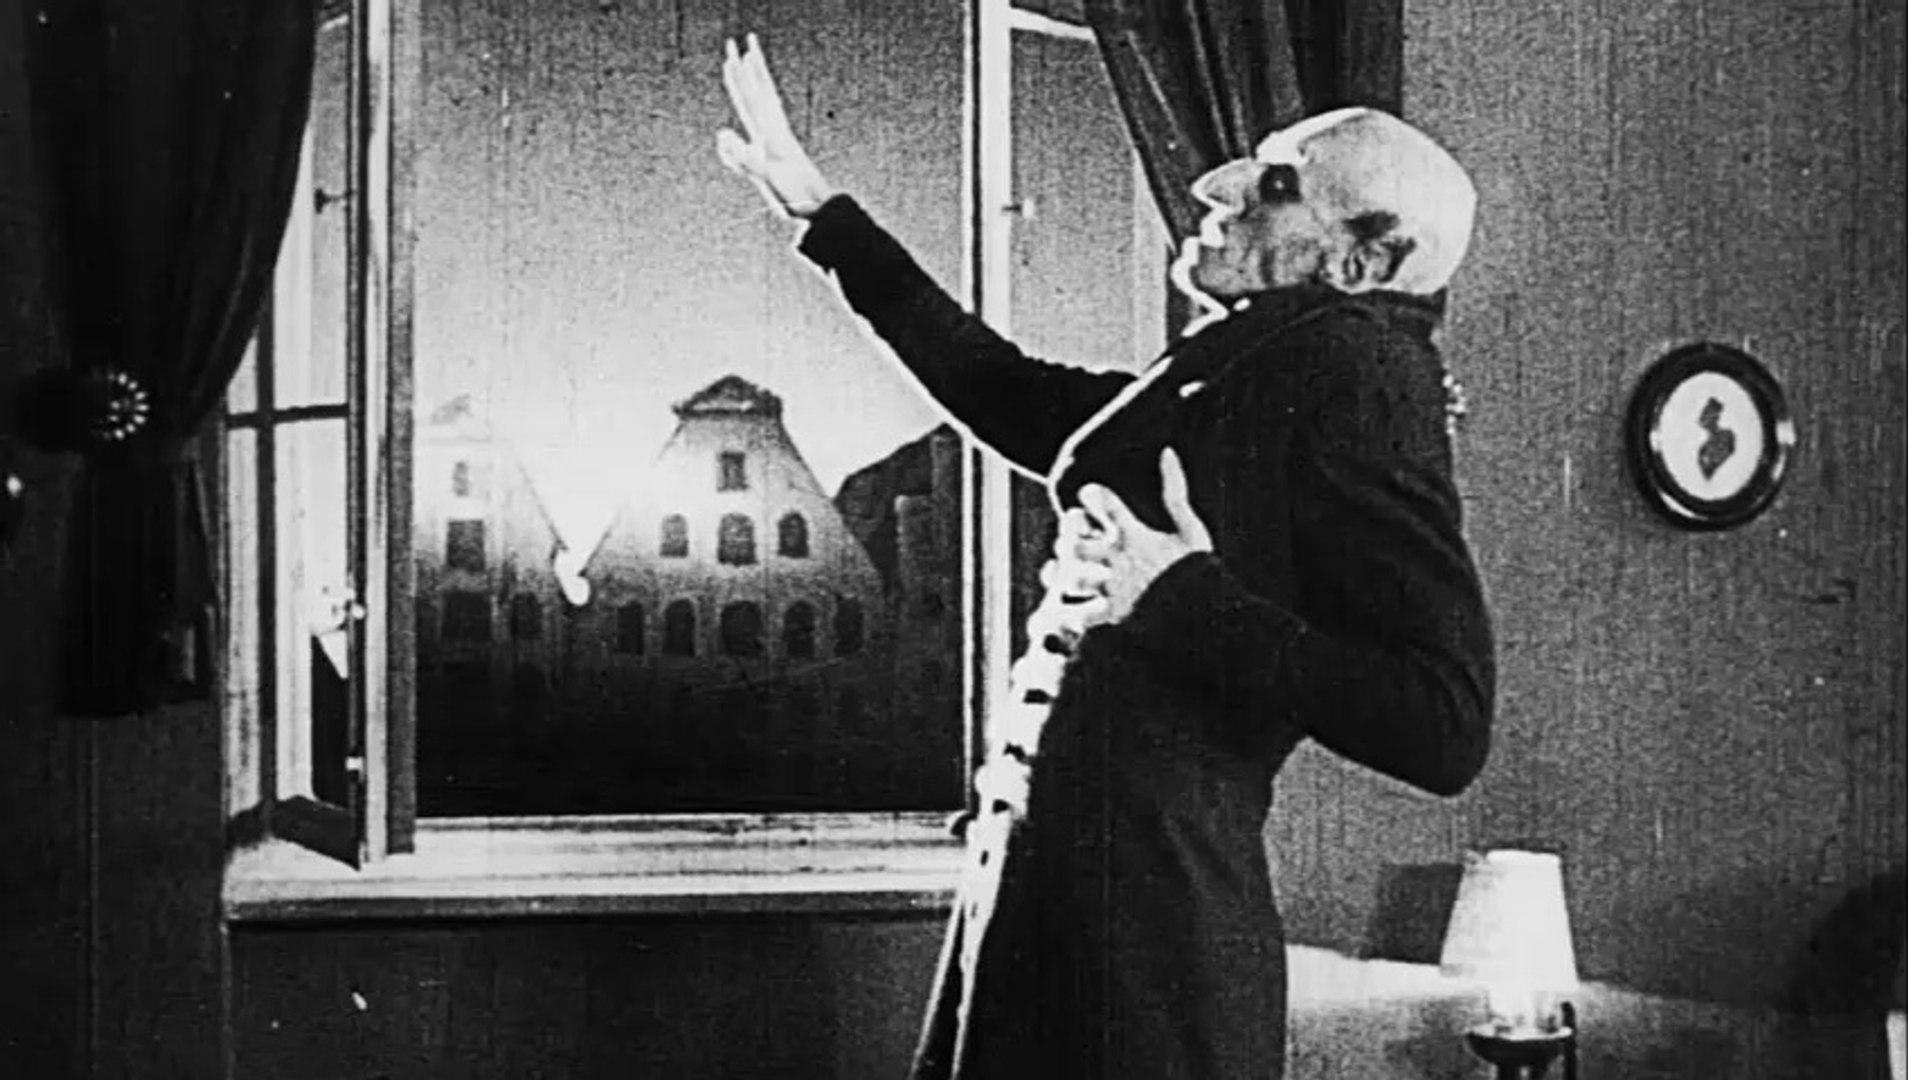 Nosferatu (1922) - F.W. Murnau